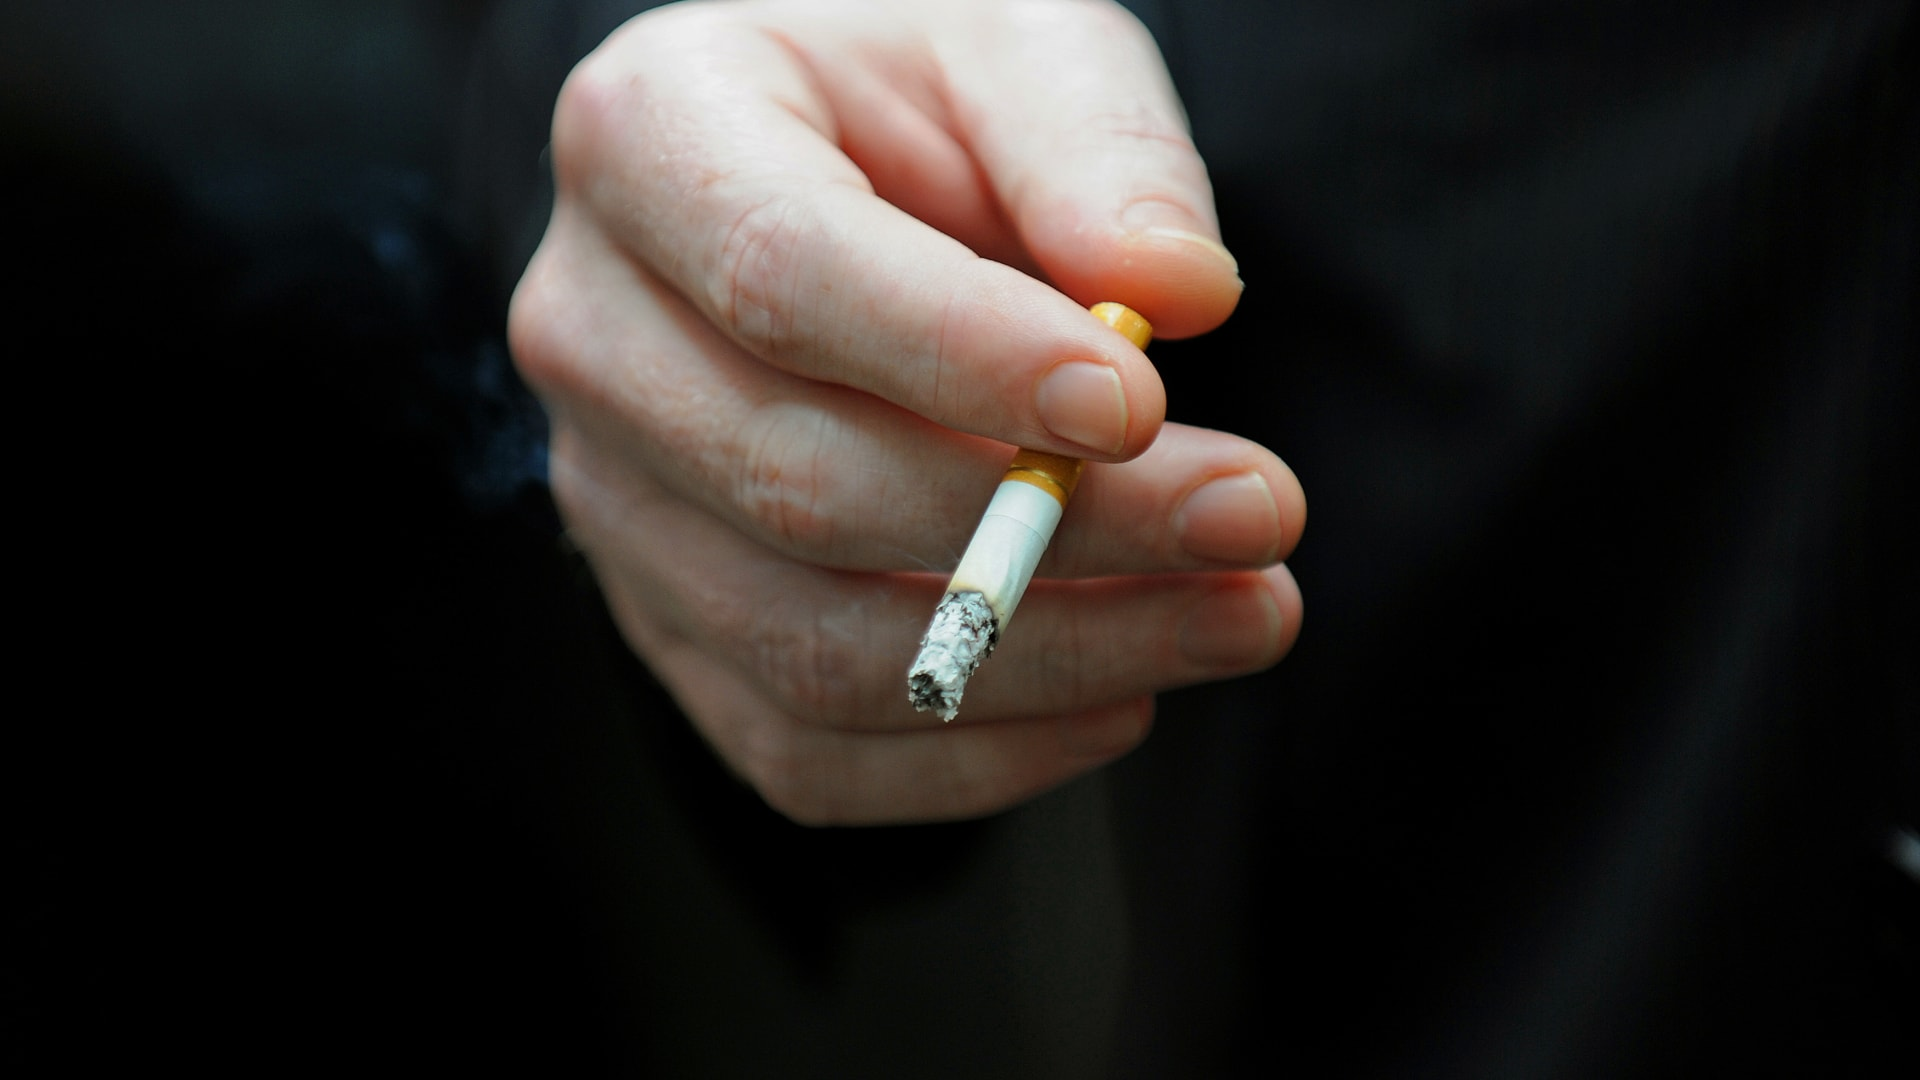 ليس سرطان الرئة فقط.. إليك أنواع السرطانات التي يؤدي التدخين إلى زيادة نسبة الإصابة بها